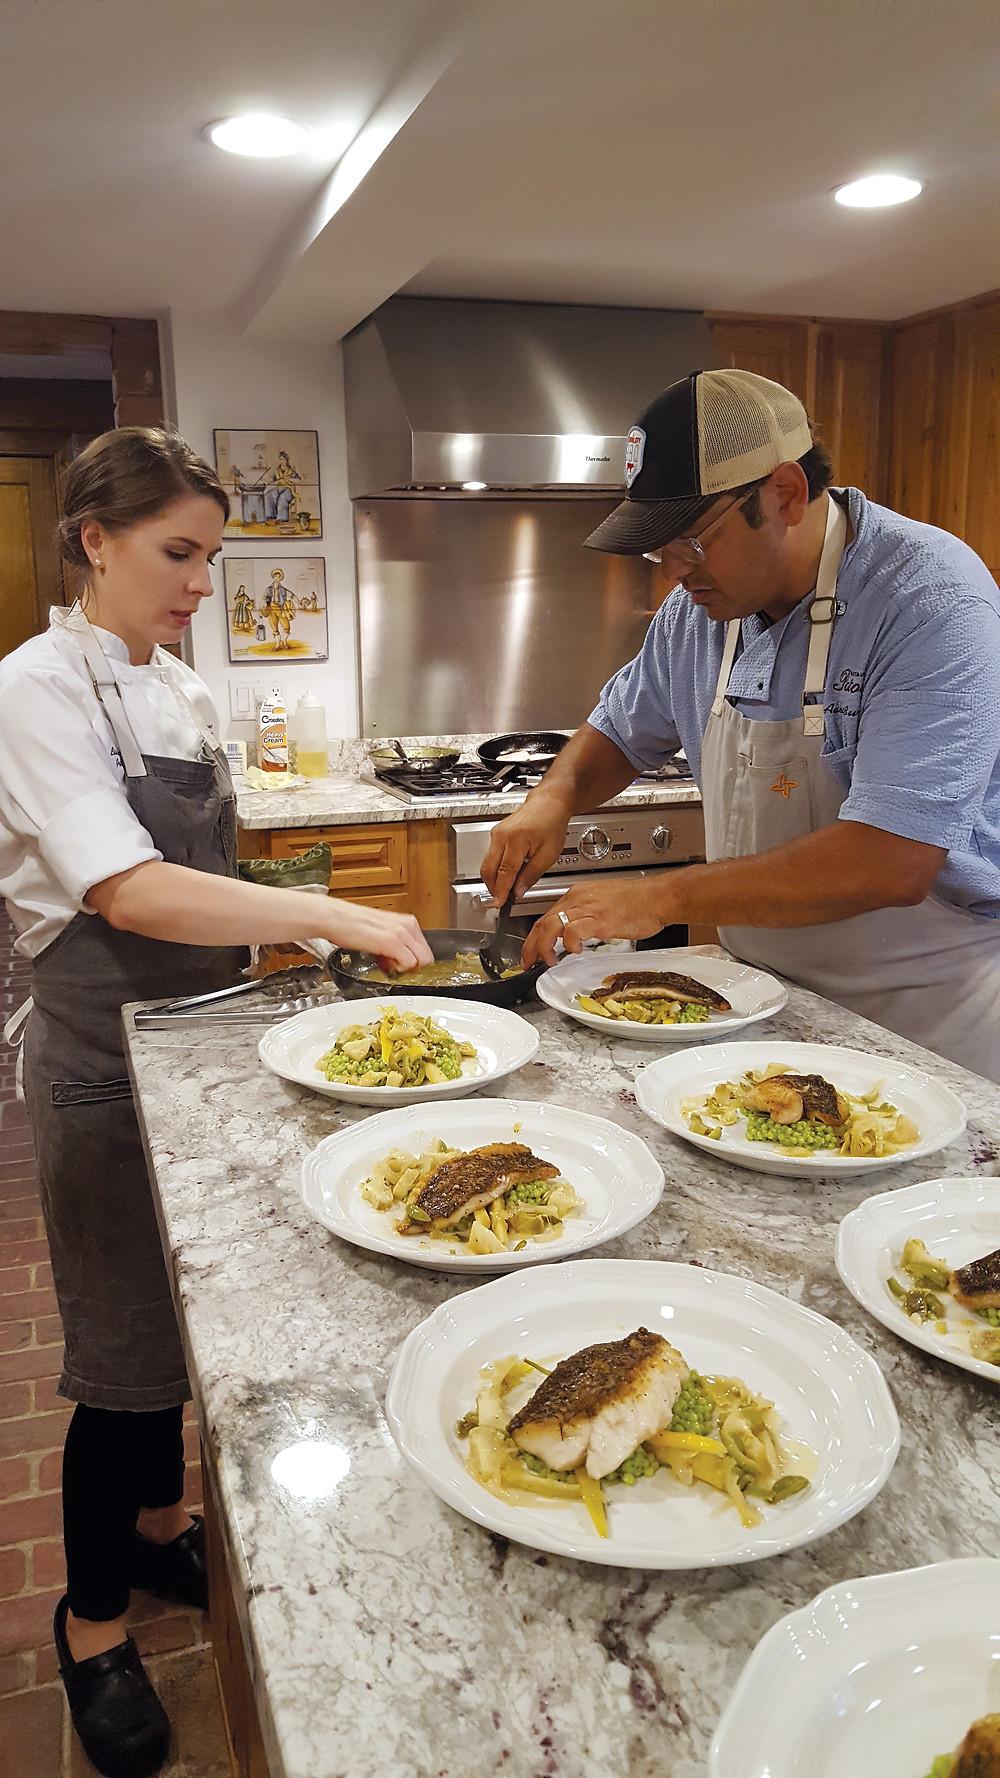 Louisiana Executive chef cuisine